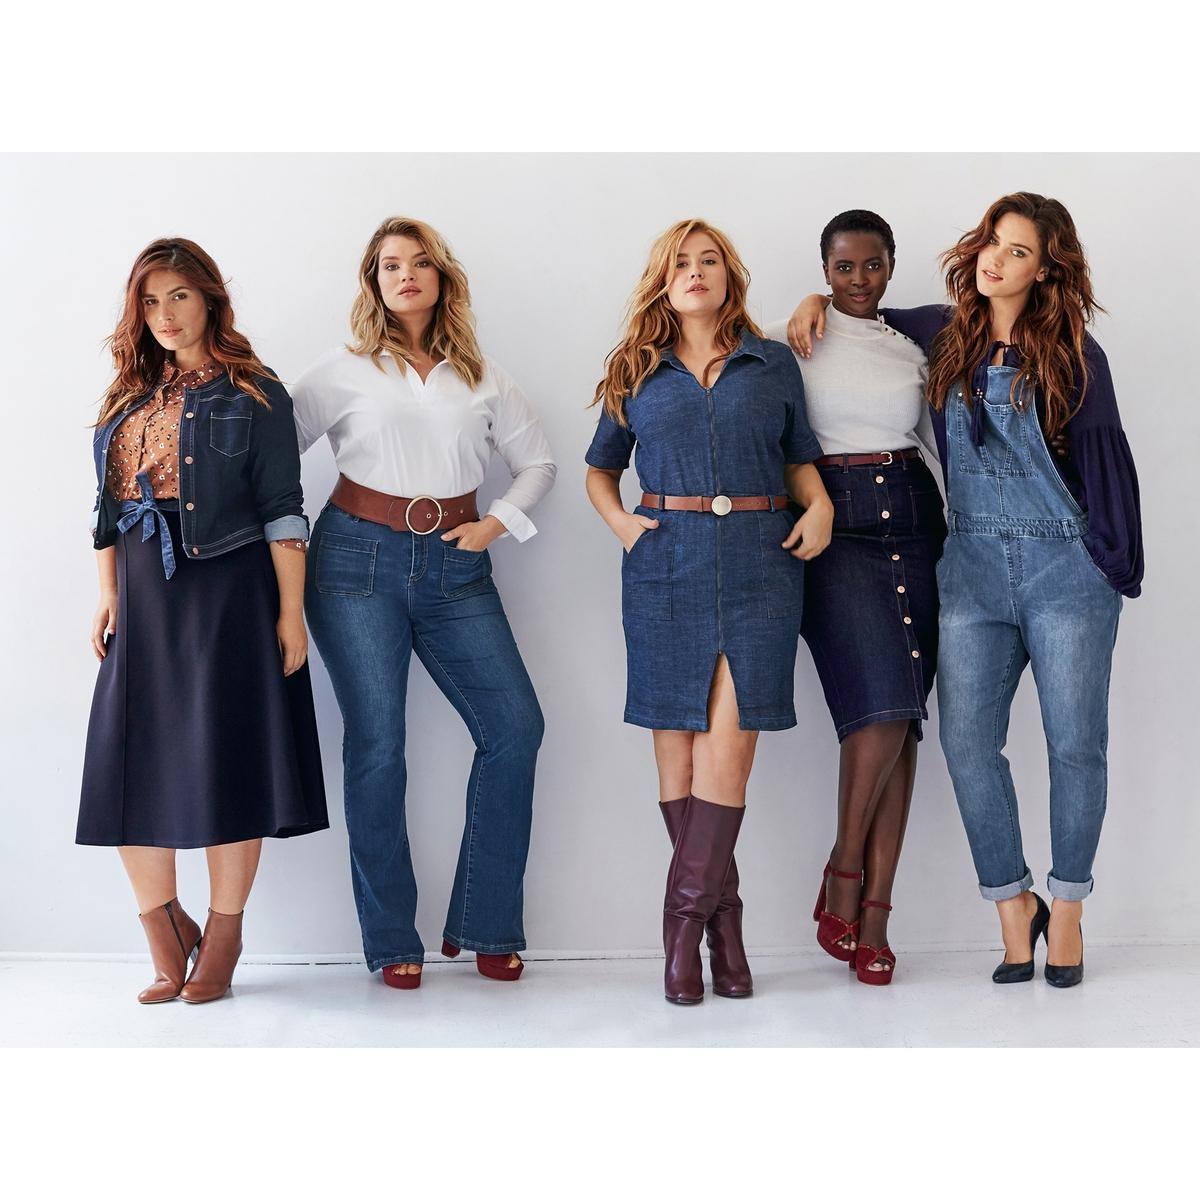 Комбинезон из денимаКомбинезон из денима. В этом сезоне джинсовый комбинезон снова на пике моды! Спереди манишка с большим накладным карманом. 5 карманов. Регулируемые бретели. Застежка на пуговицы сбоку. Пояс со шлевками. 98% хлопок, 2% эластана. Длина по внутреннему шву 78 см., ширина по низу 17 см.<br><br>Цвет: синий потертый<br>Размер: 42 (FR) - 48 (RUS).44 (FR) - 50 (RUS).46 (FR) - 52 (RUS).50 (FR) - 56 (RUS).52 (FR) - 58 (RUS).54 (FR) - 60 (RUS).56 (FR) - 62 (RUS)